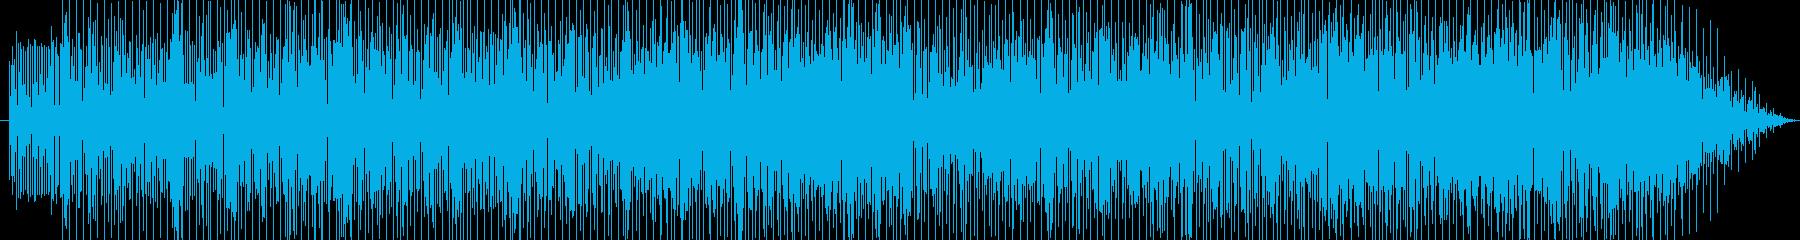 ピアノによるスムースジャズの再生済みの波形